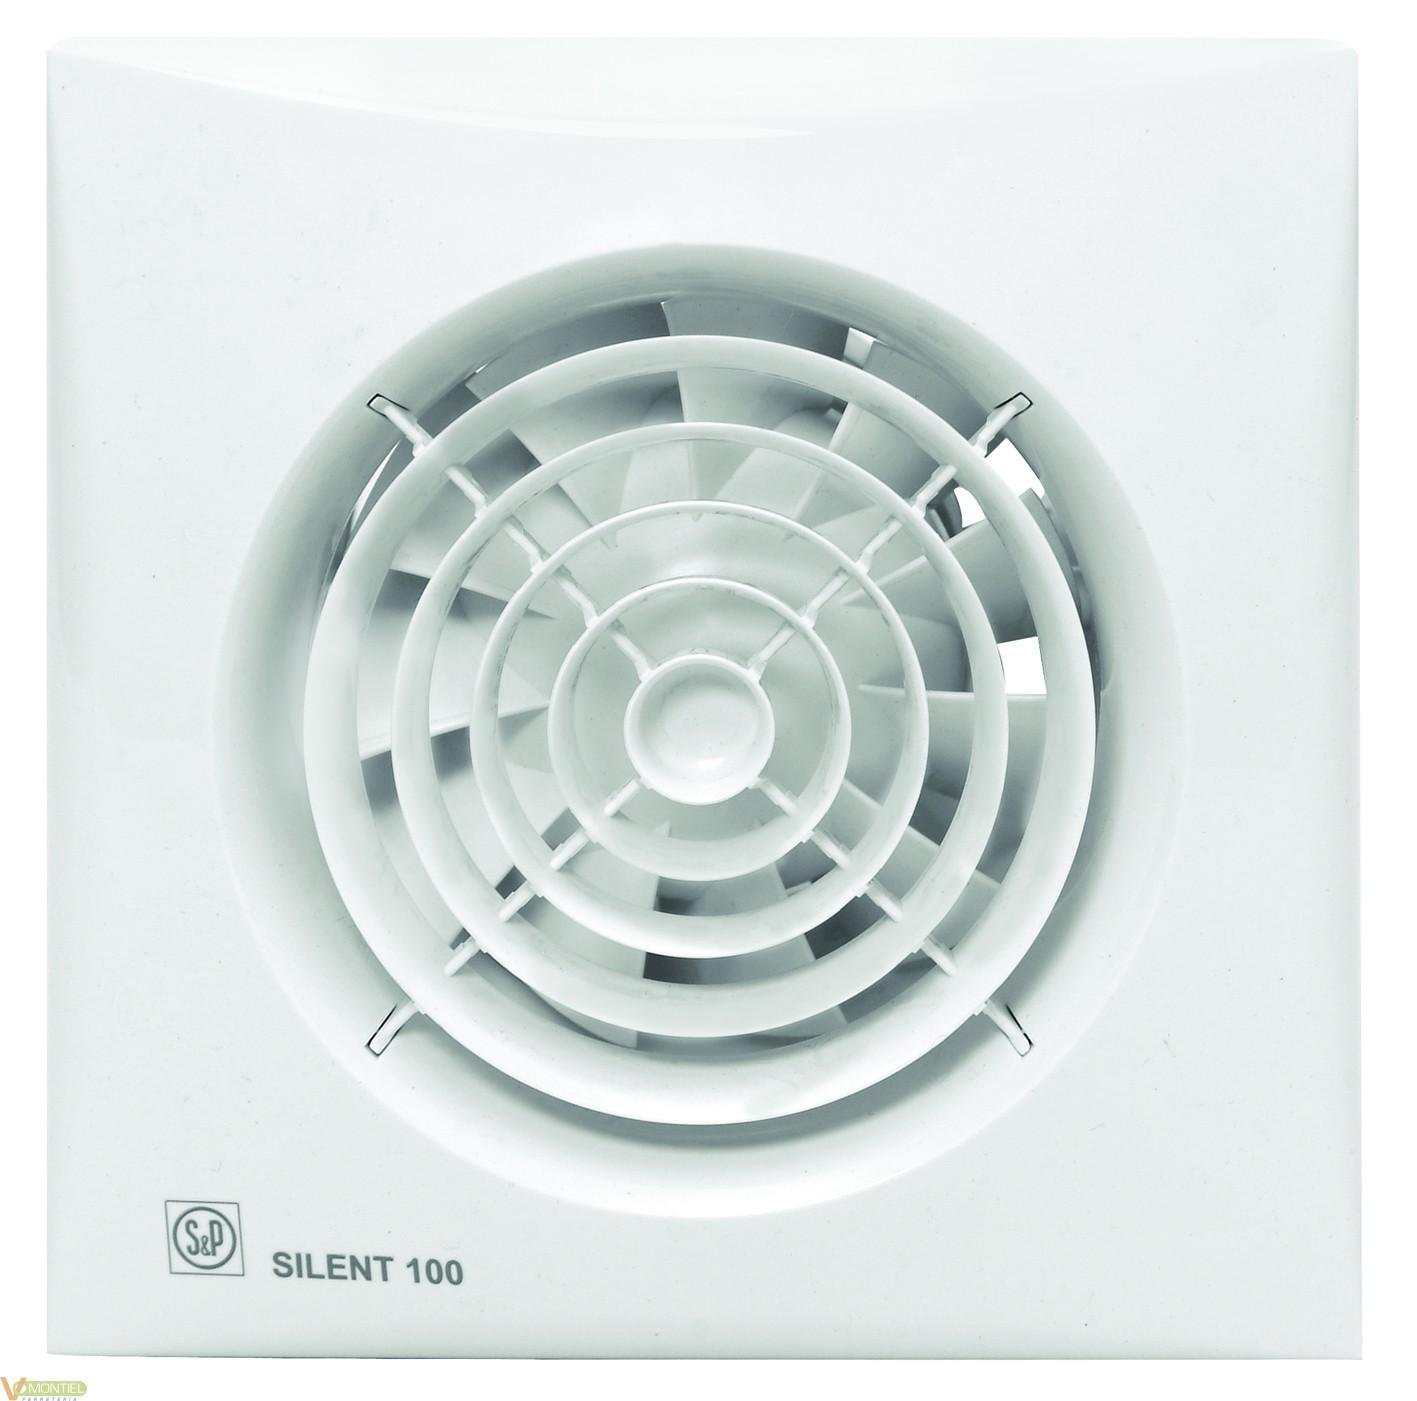 Extractor De Baño Funcion:Extractor baÑo silent 100 cz